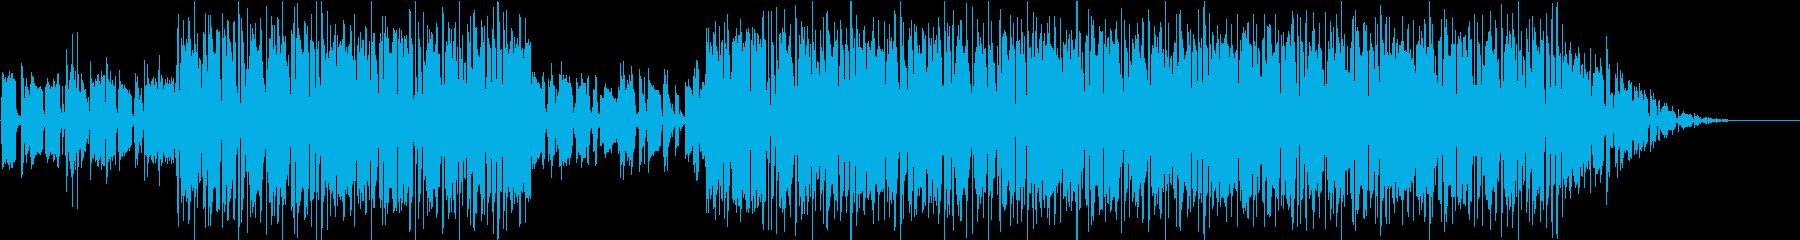 ドリーミーなローファイソングの再生済みの波形